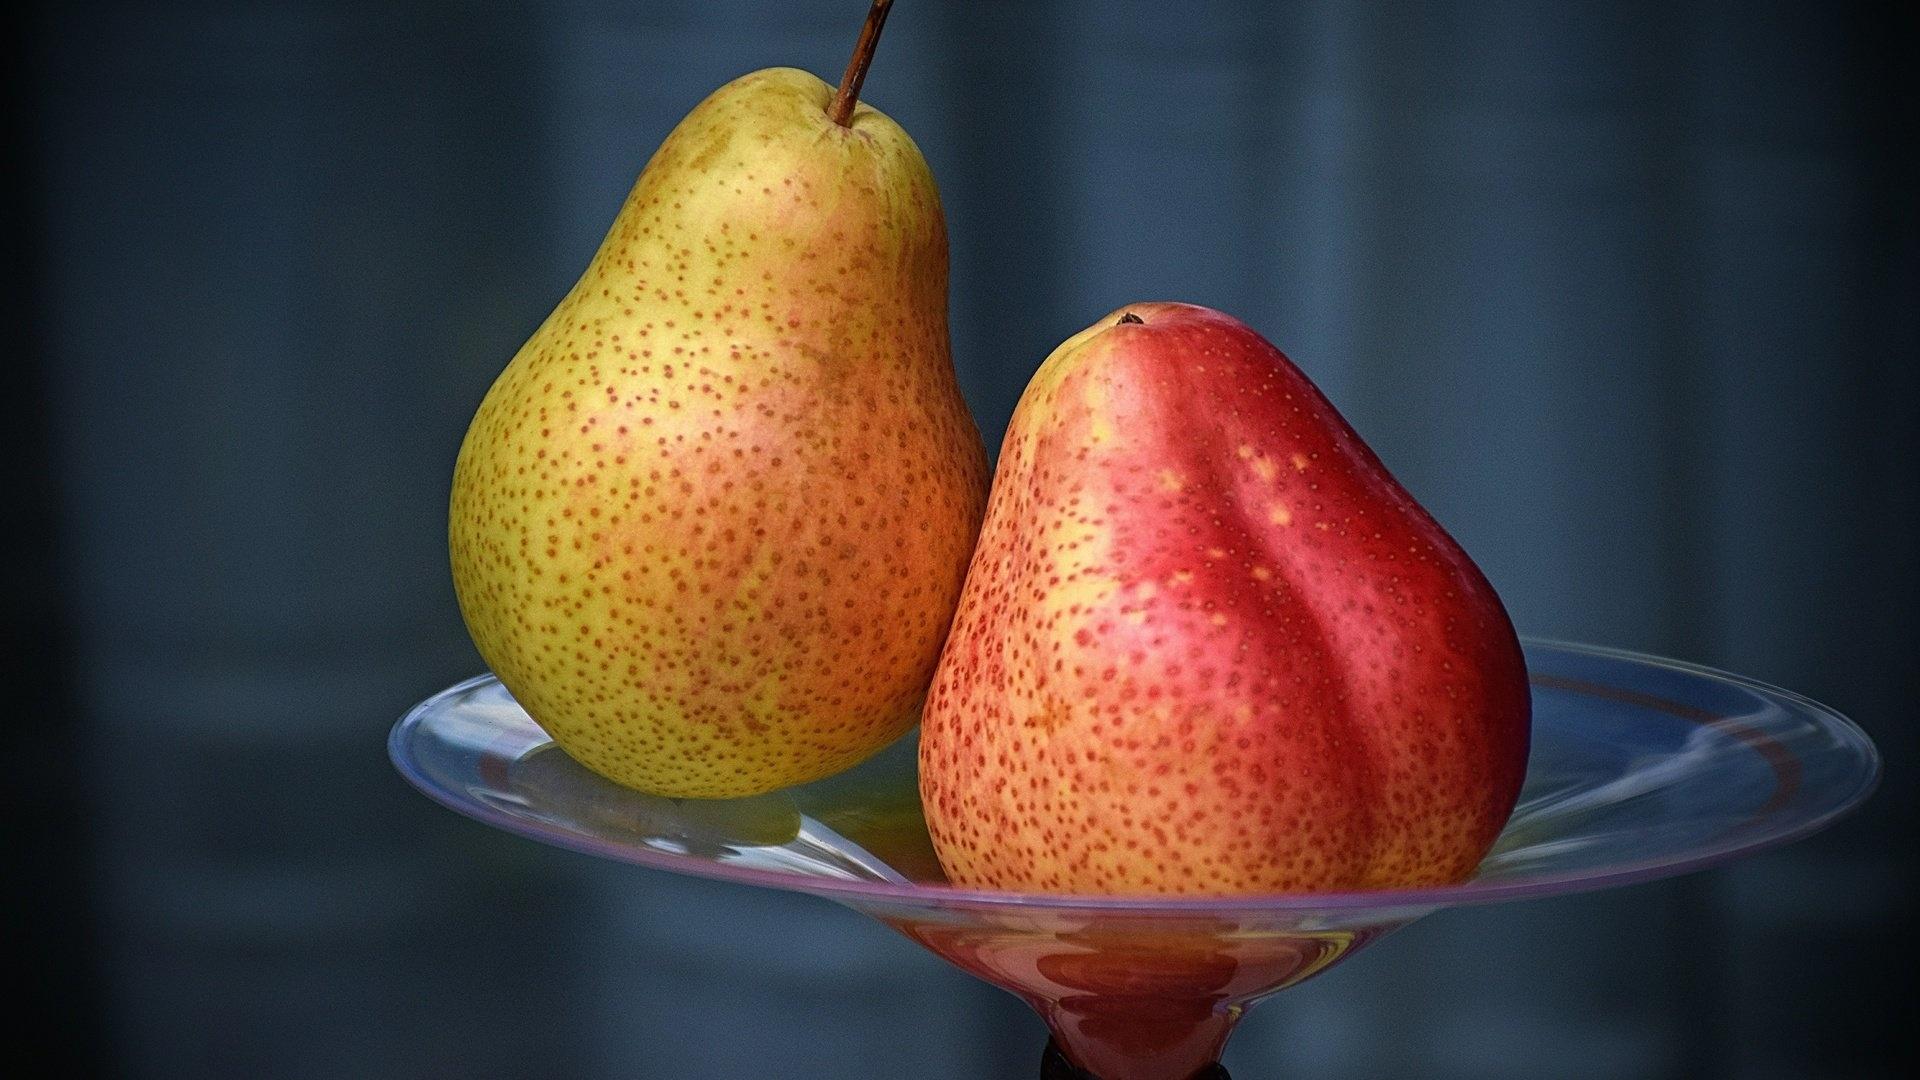 Pear desktop wallpaper hd